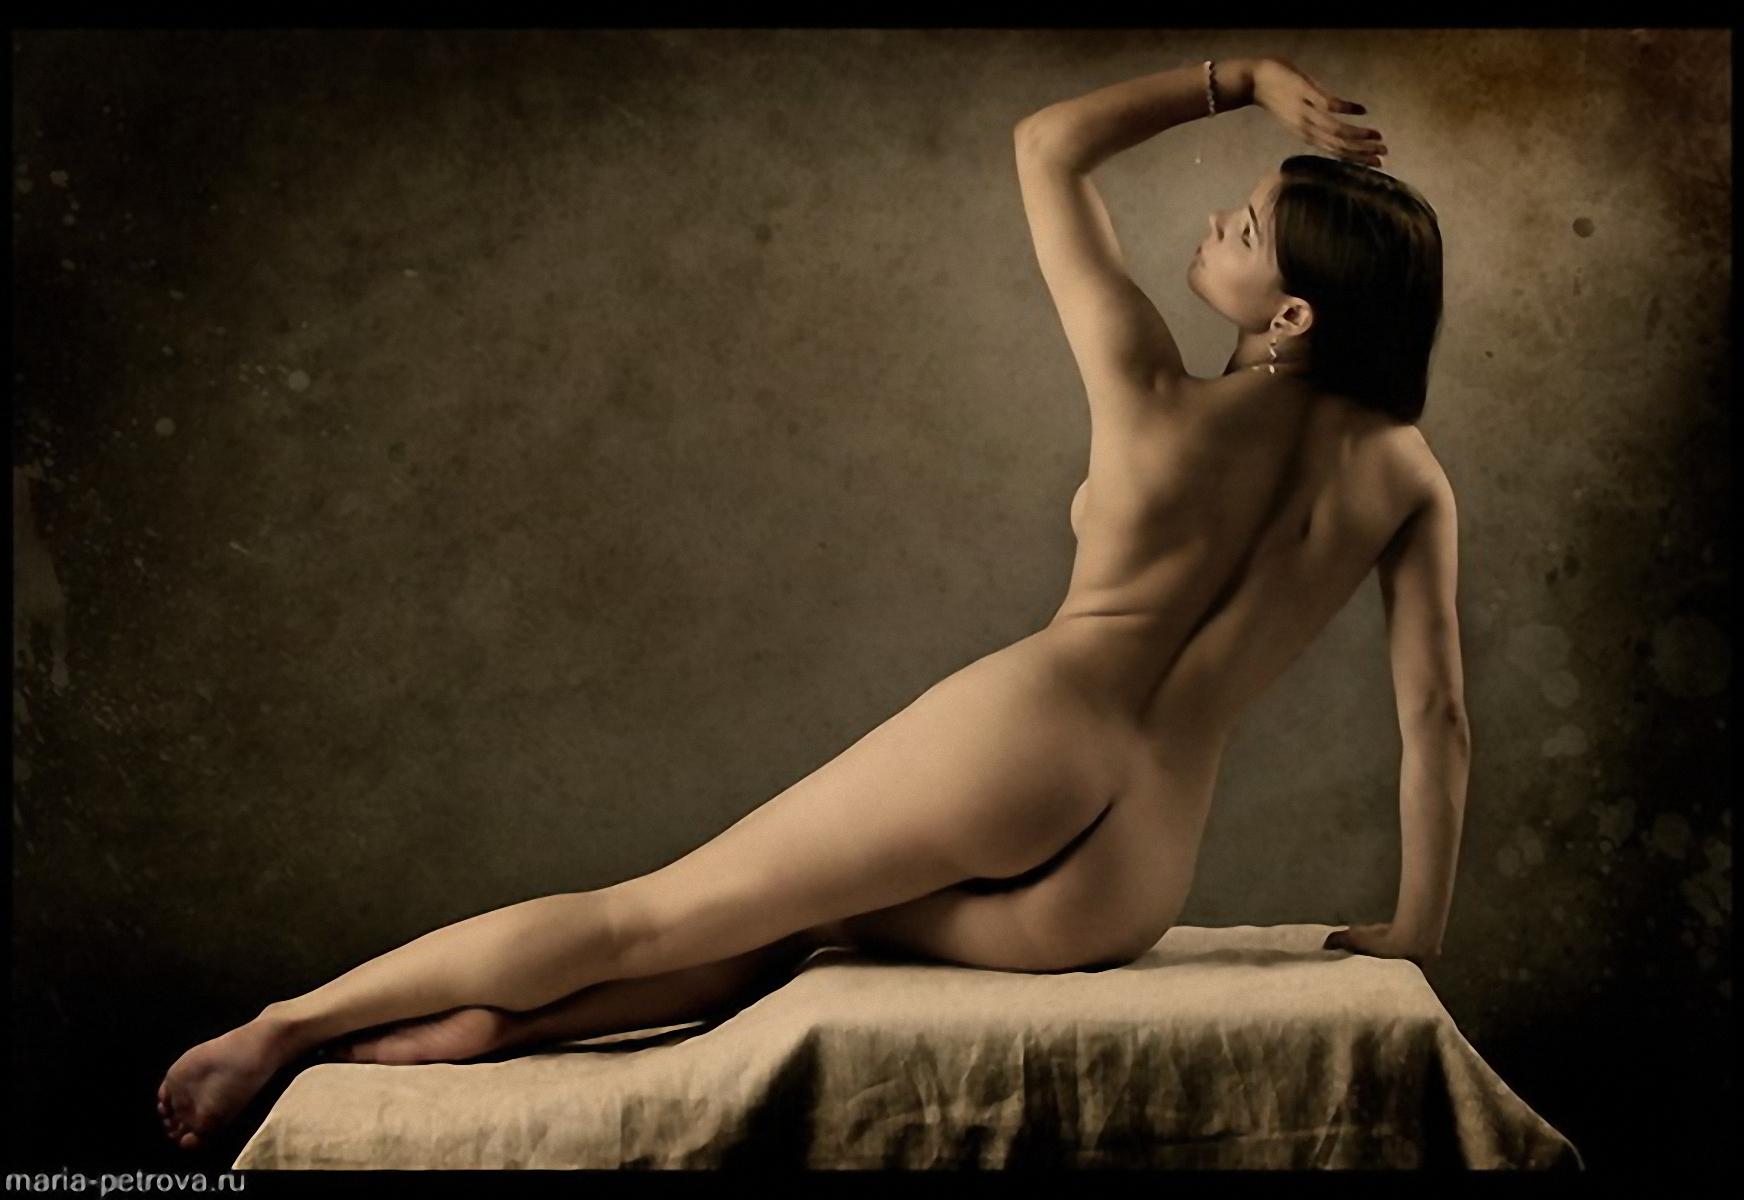 podglyadivanie-onlayn-erotika